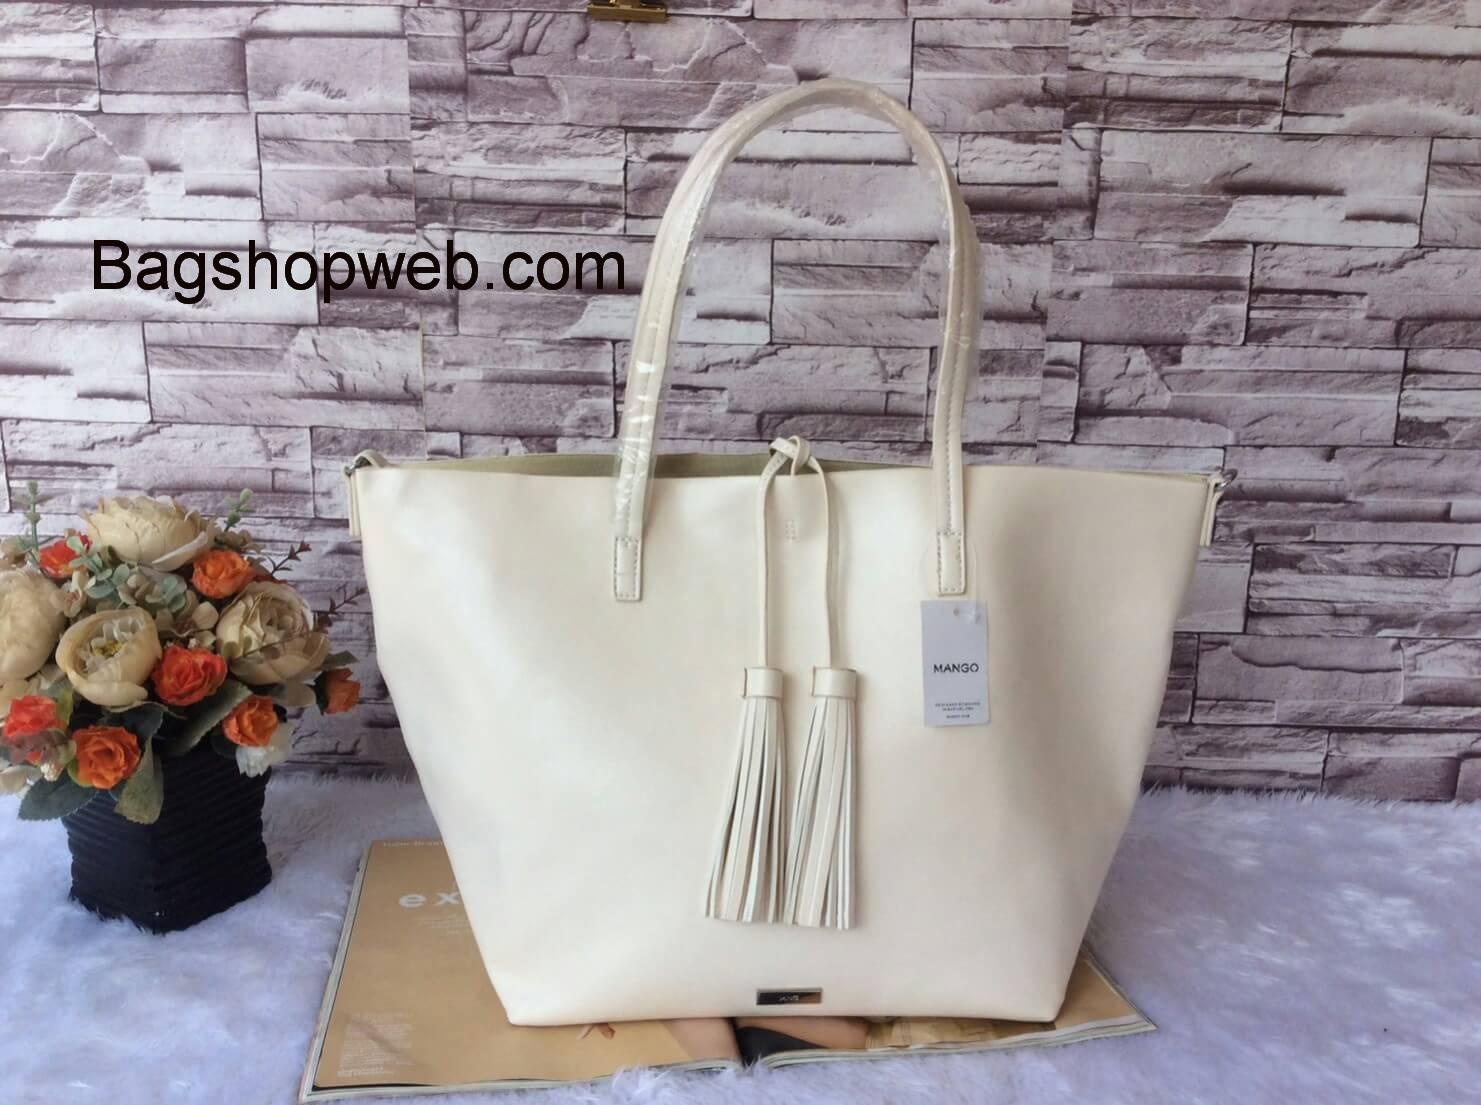 กระเป๋า MNG Shopper bag สีขาวครีม กระเป๋าหนัง เชือกหนังผูกห้วยด้วยพู่เก๋ๆ!! จัดทรงได้ 2 แบบ